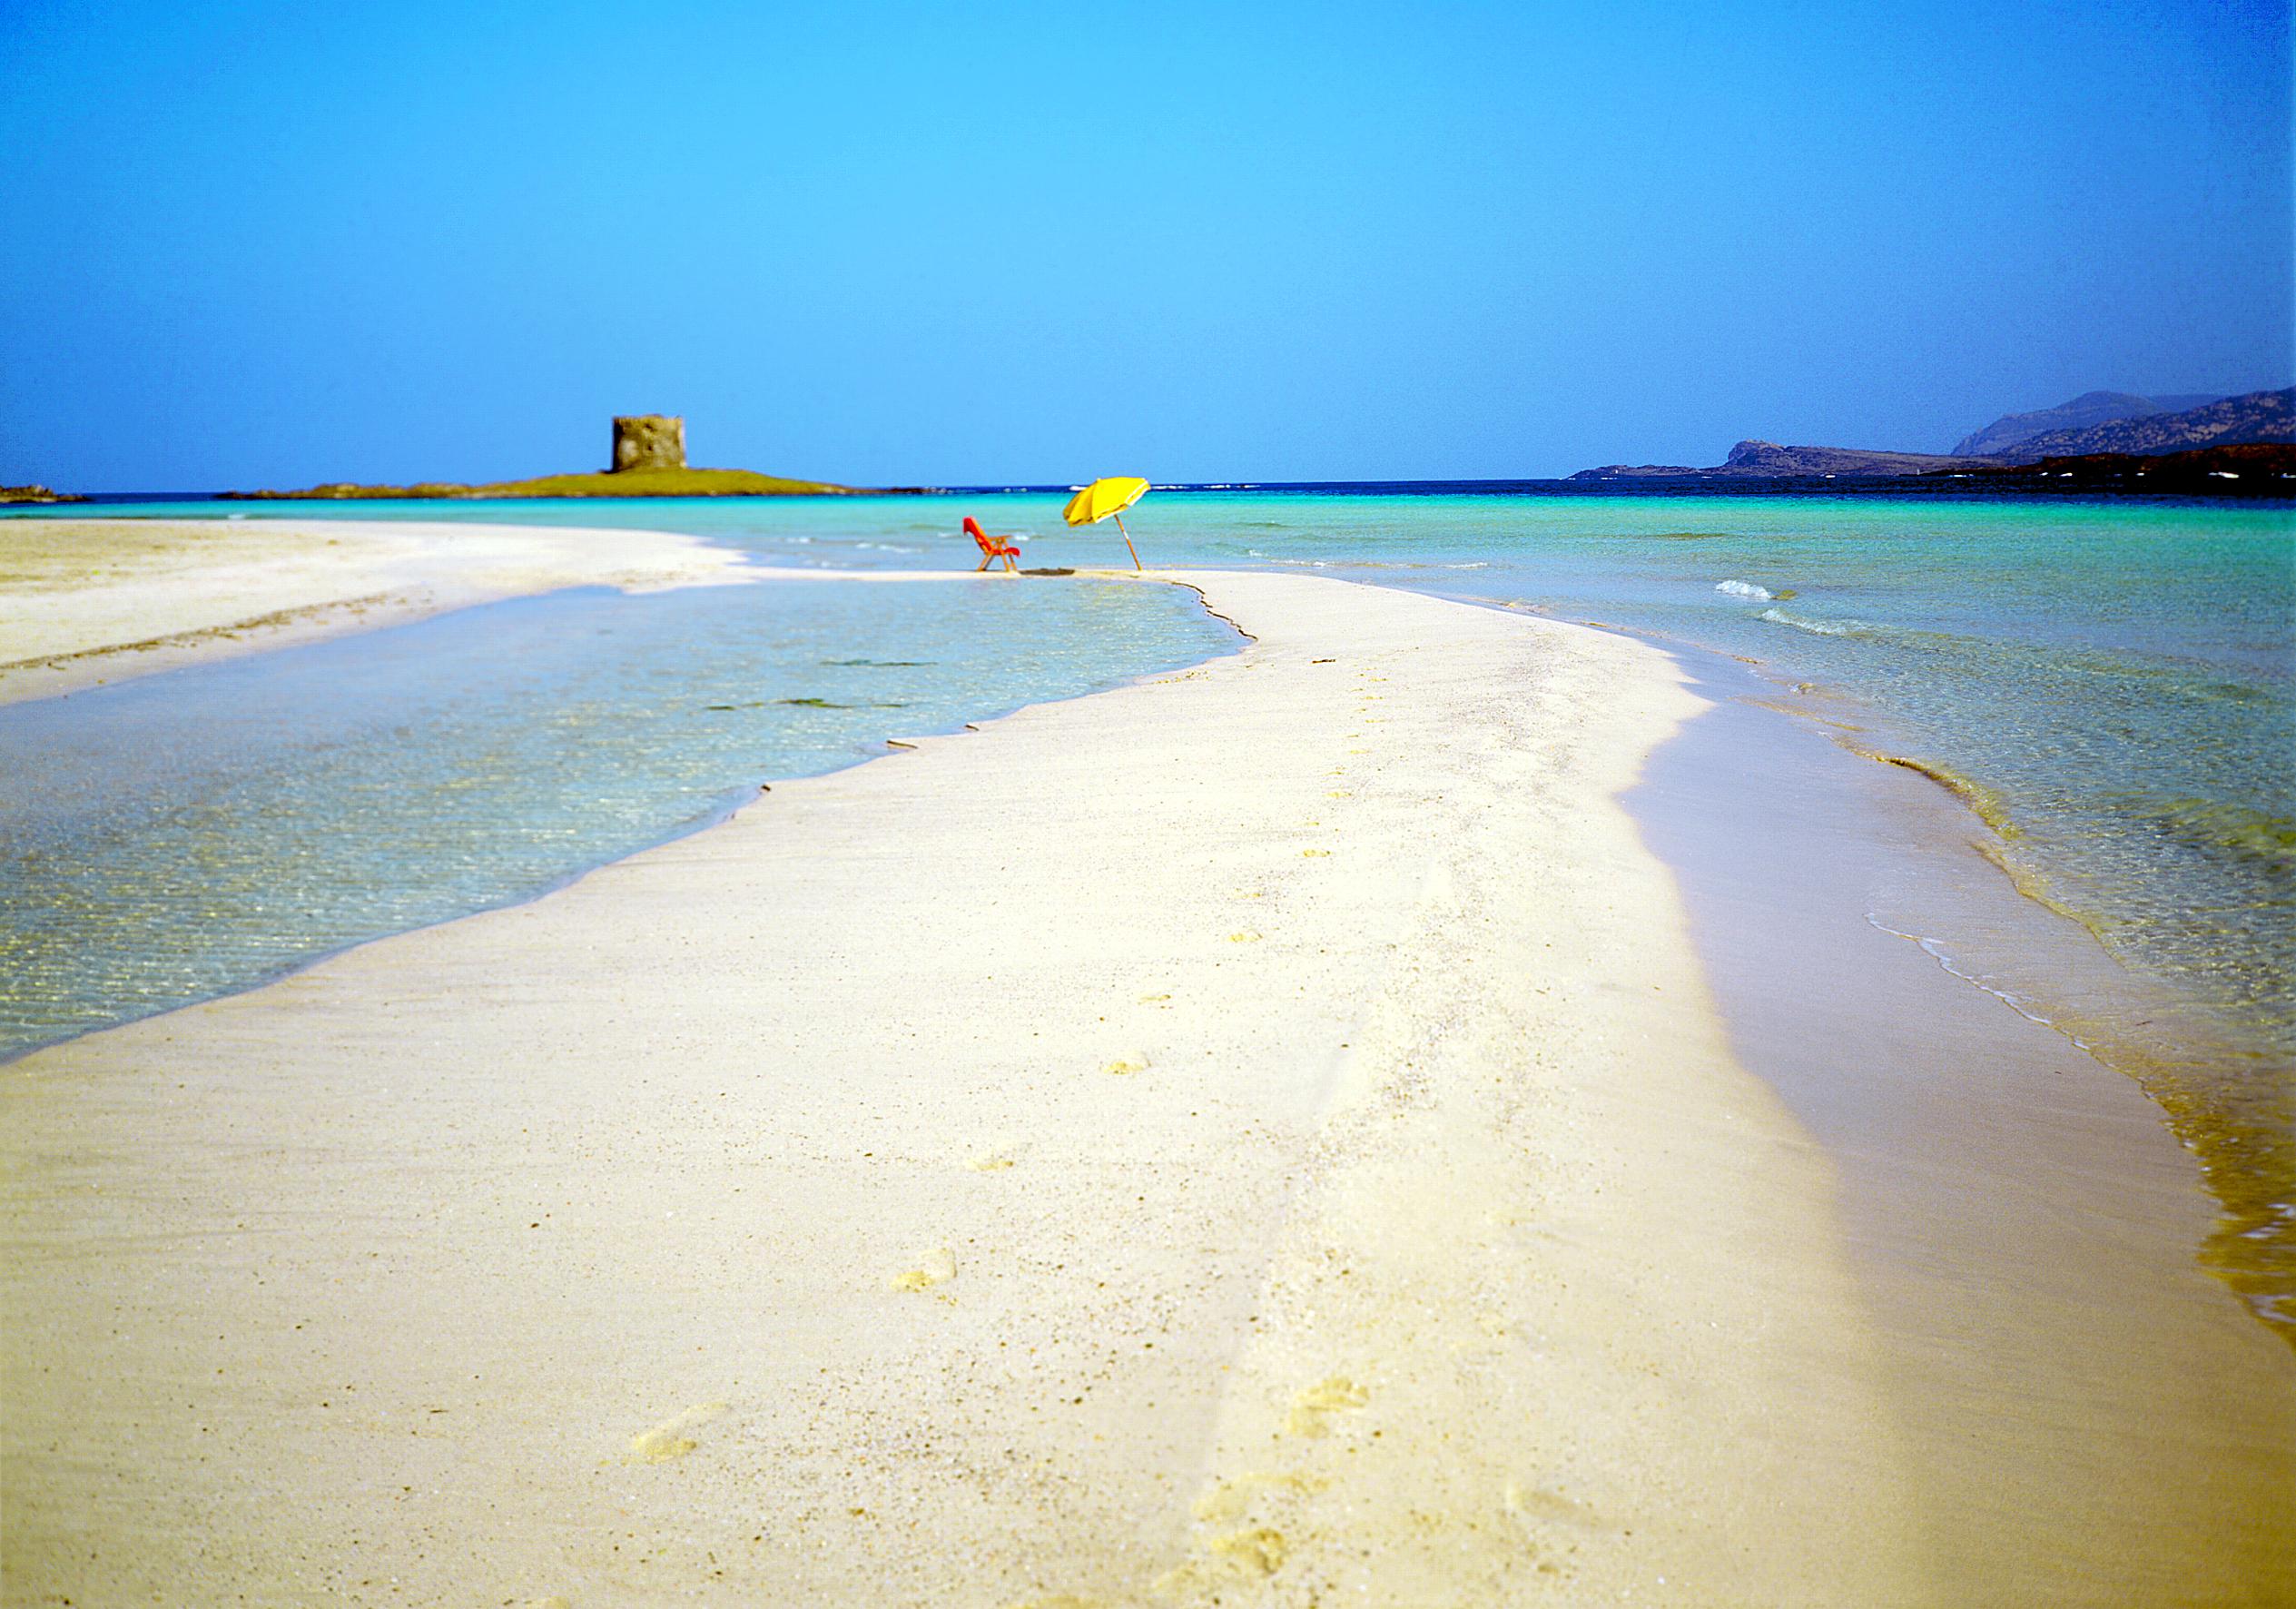 пляж пісок курорт сардінія італія